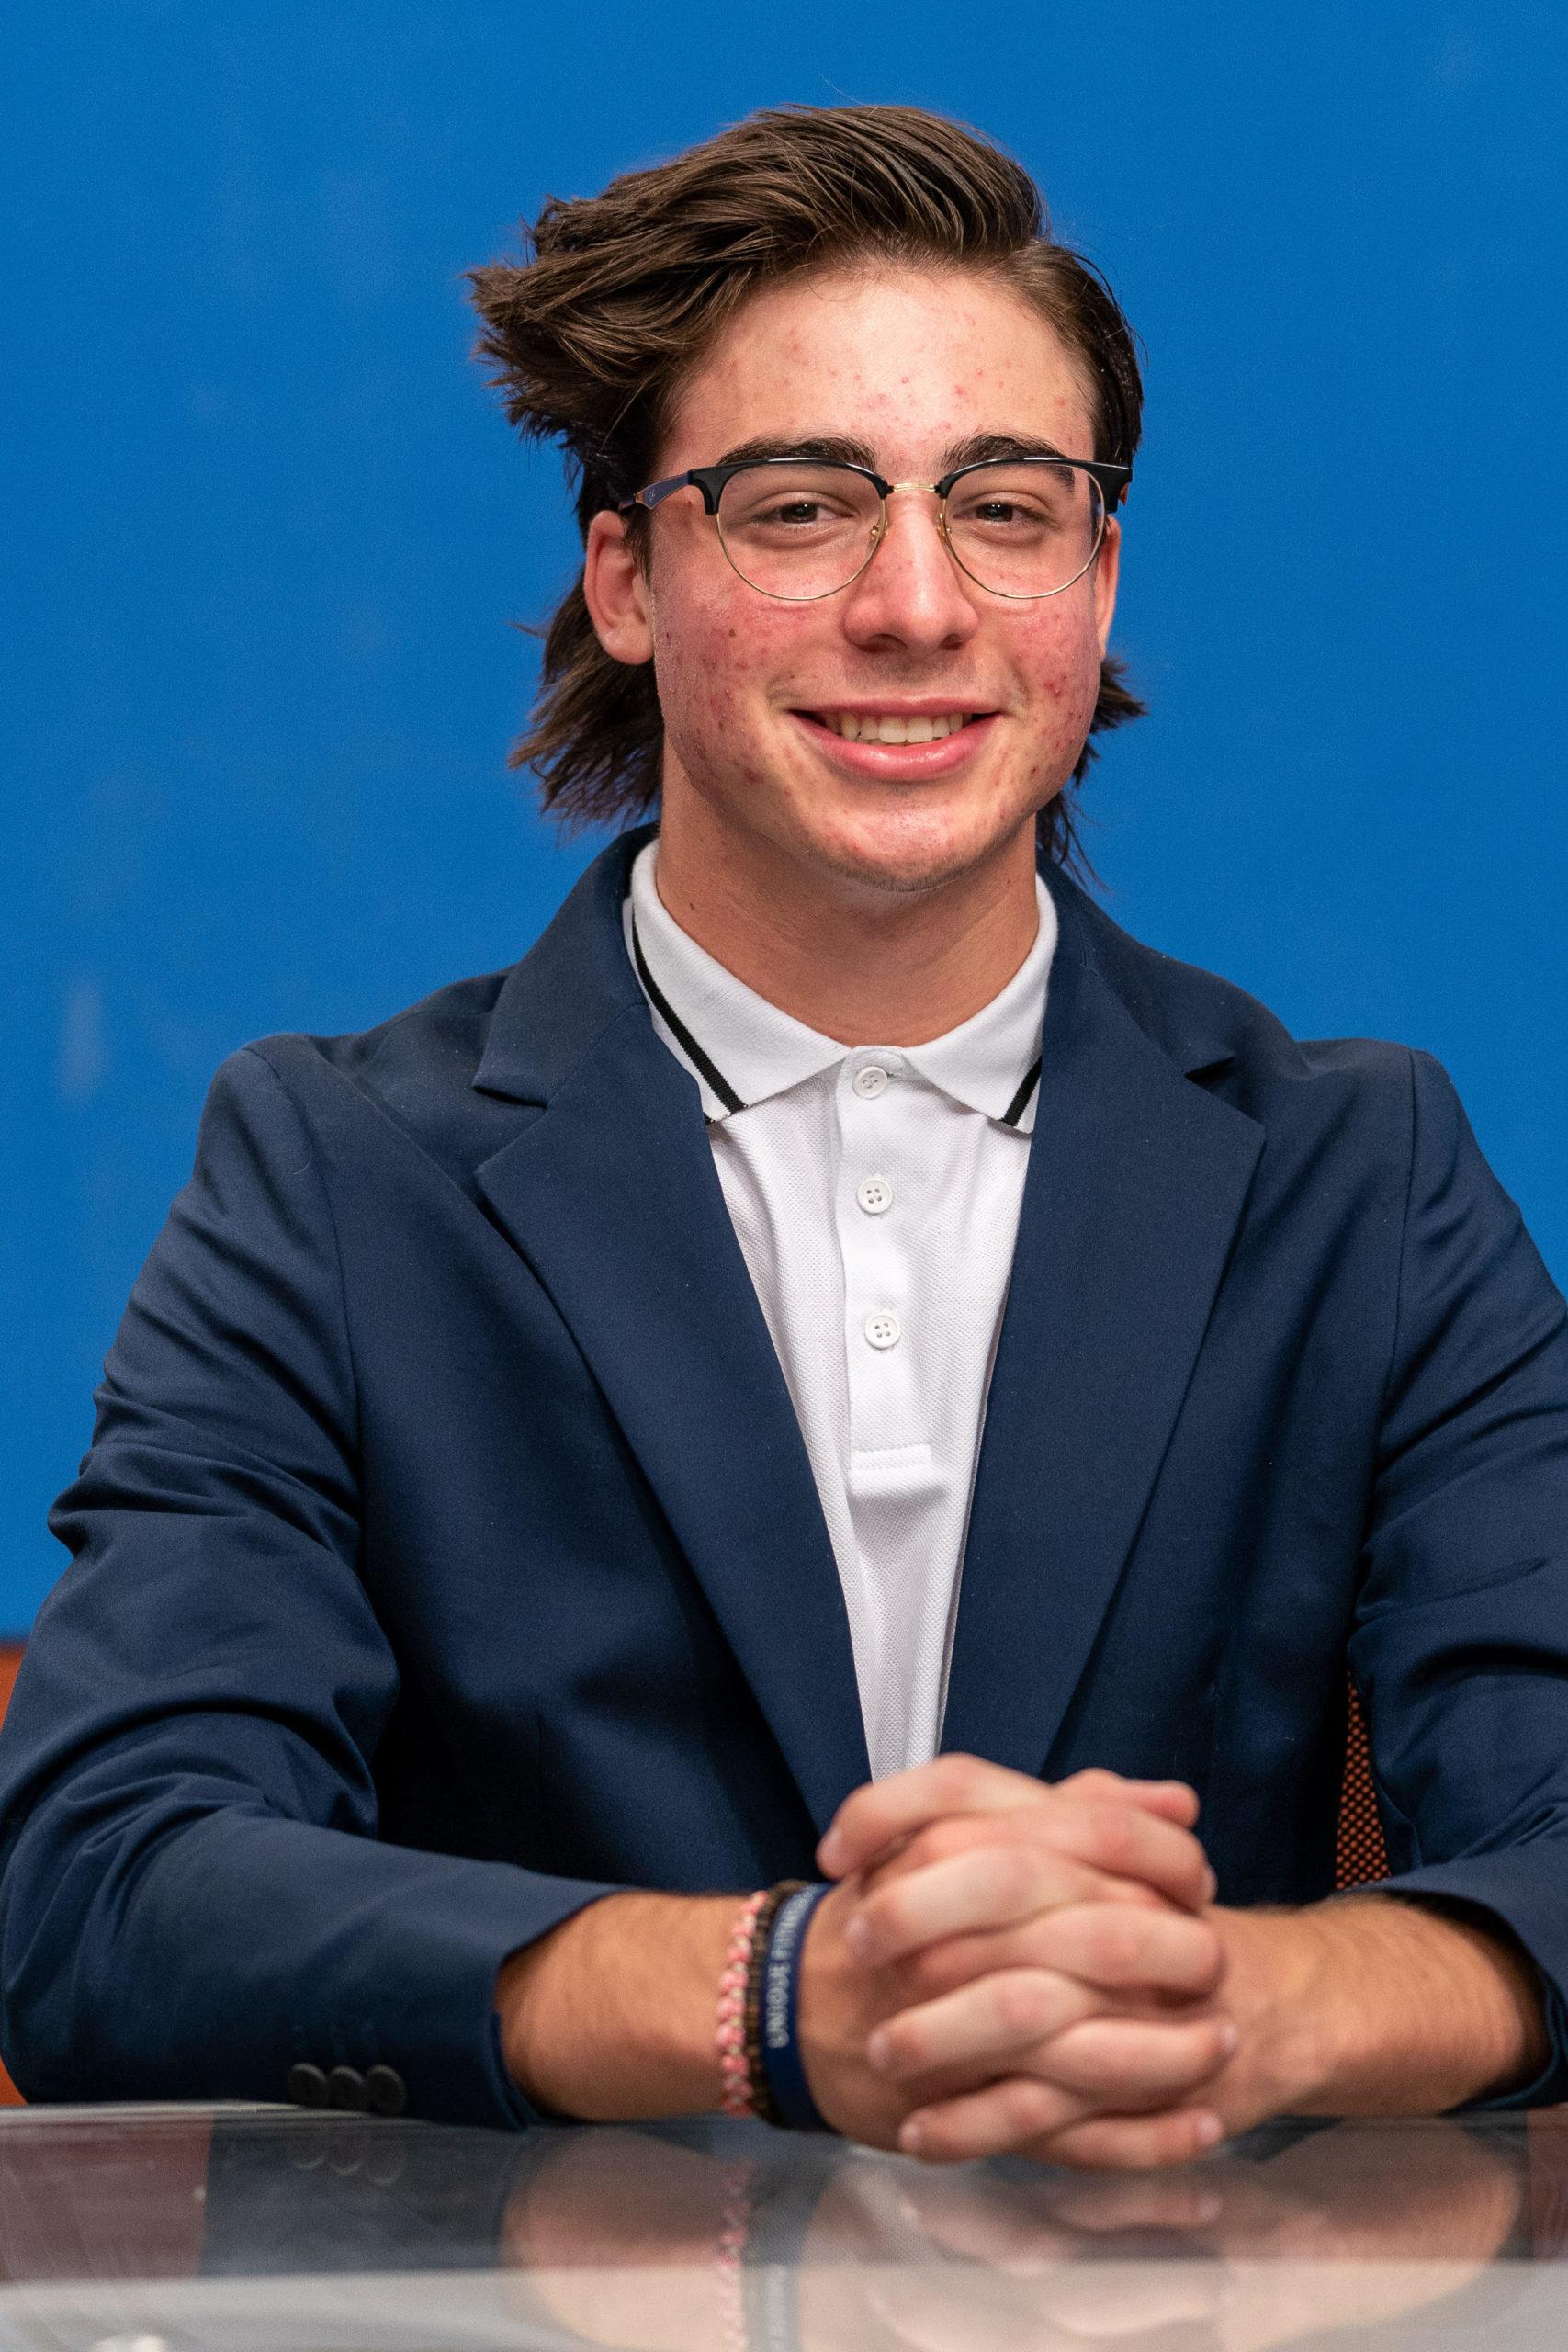 Tino Pattigno